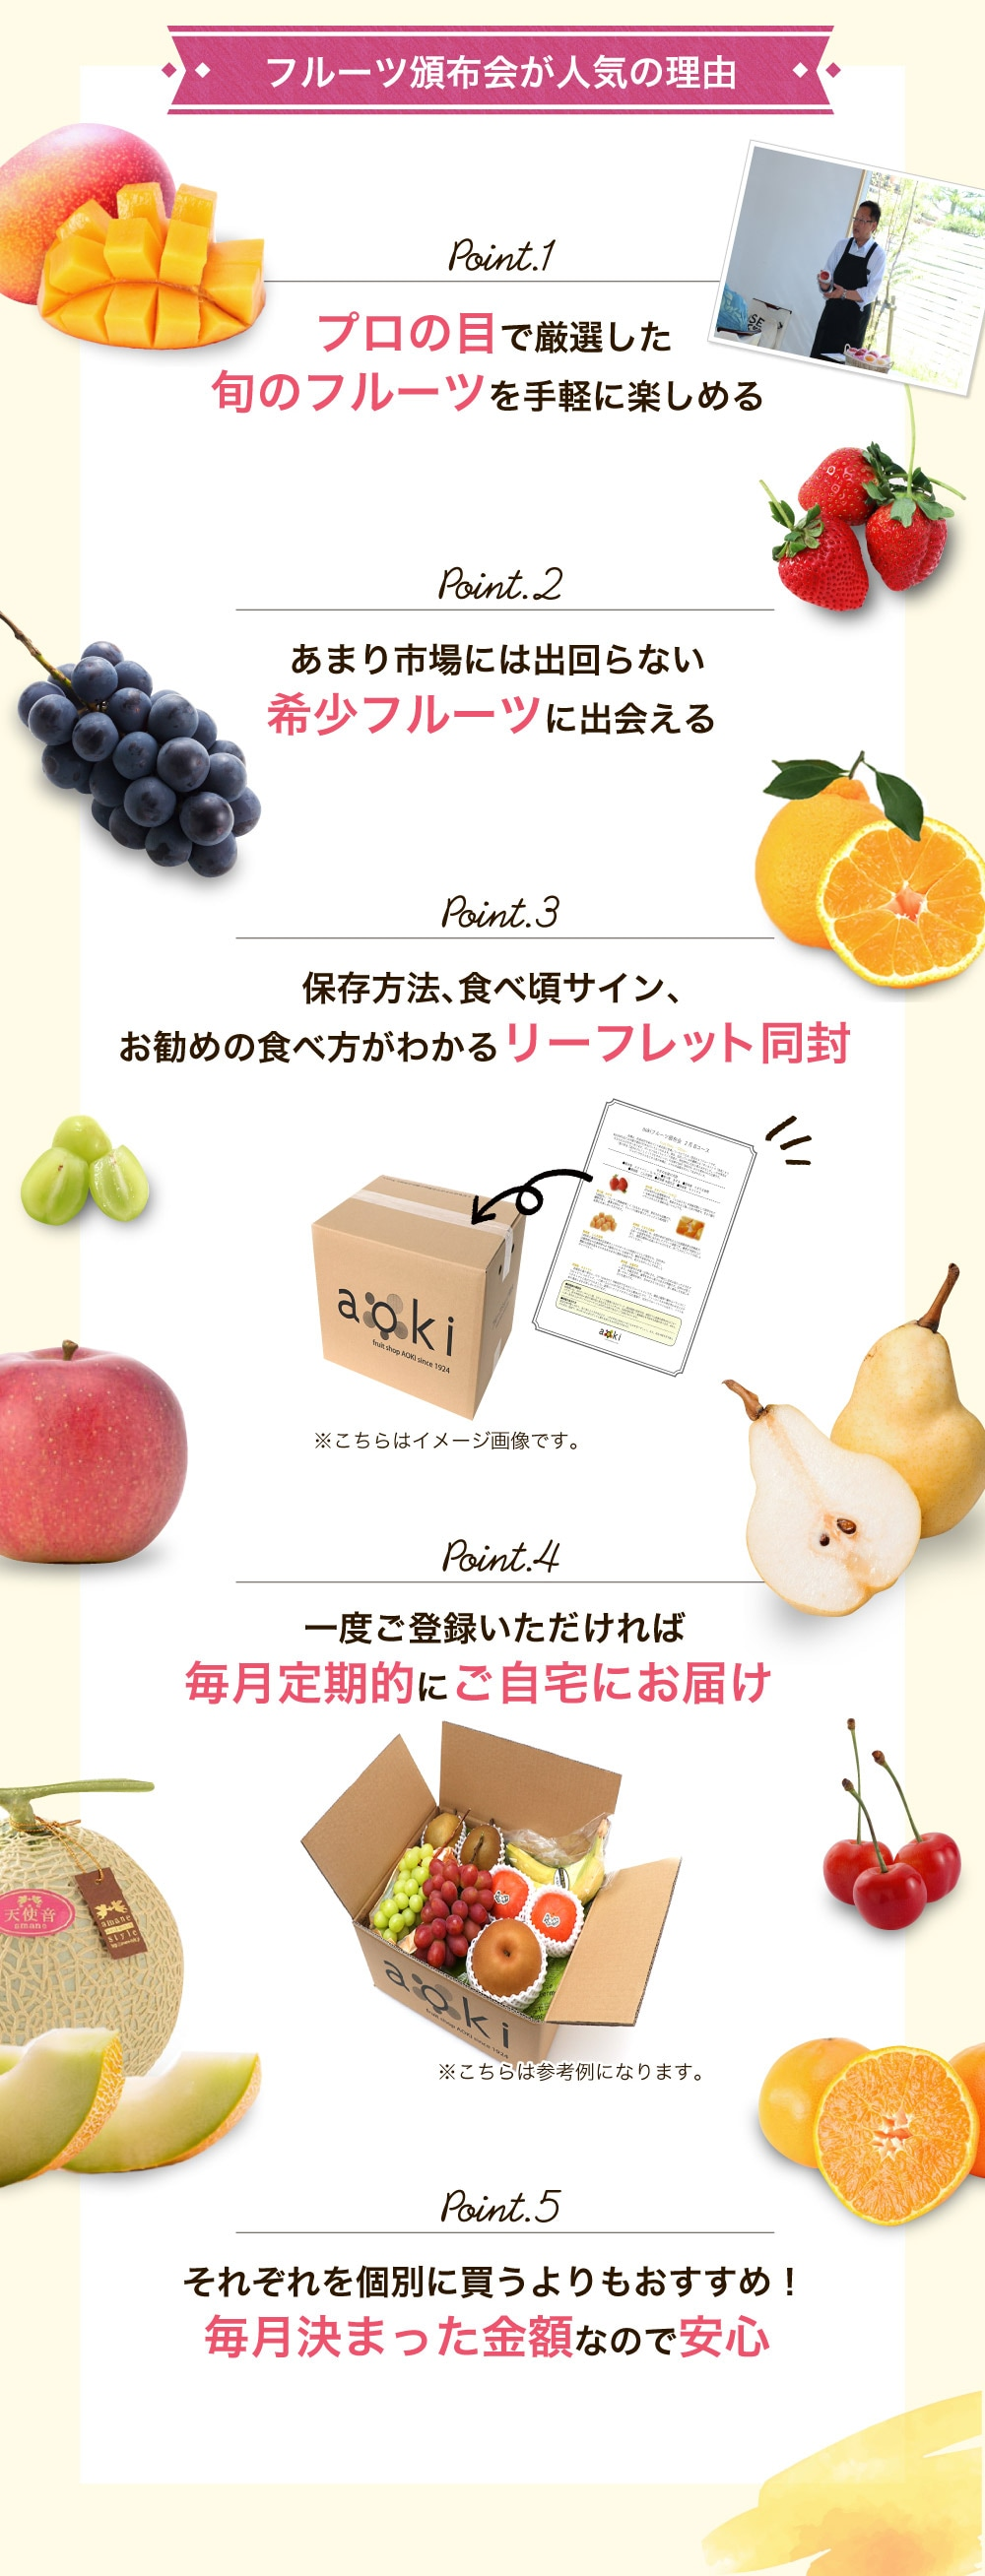 フルーツ頒布会はプロの目で厳選した旬のフルーツを楽しめ、希少フルーツに出会えます。保存方法、食べごろサイン、おすすめの食べ方がわかるルーフレットを同梱し、毎月定期的にご自宅へお届けします。